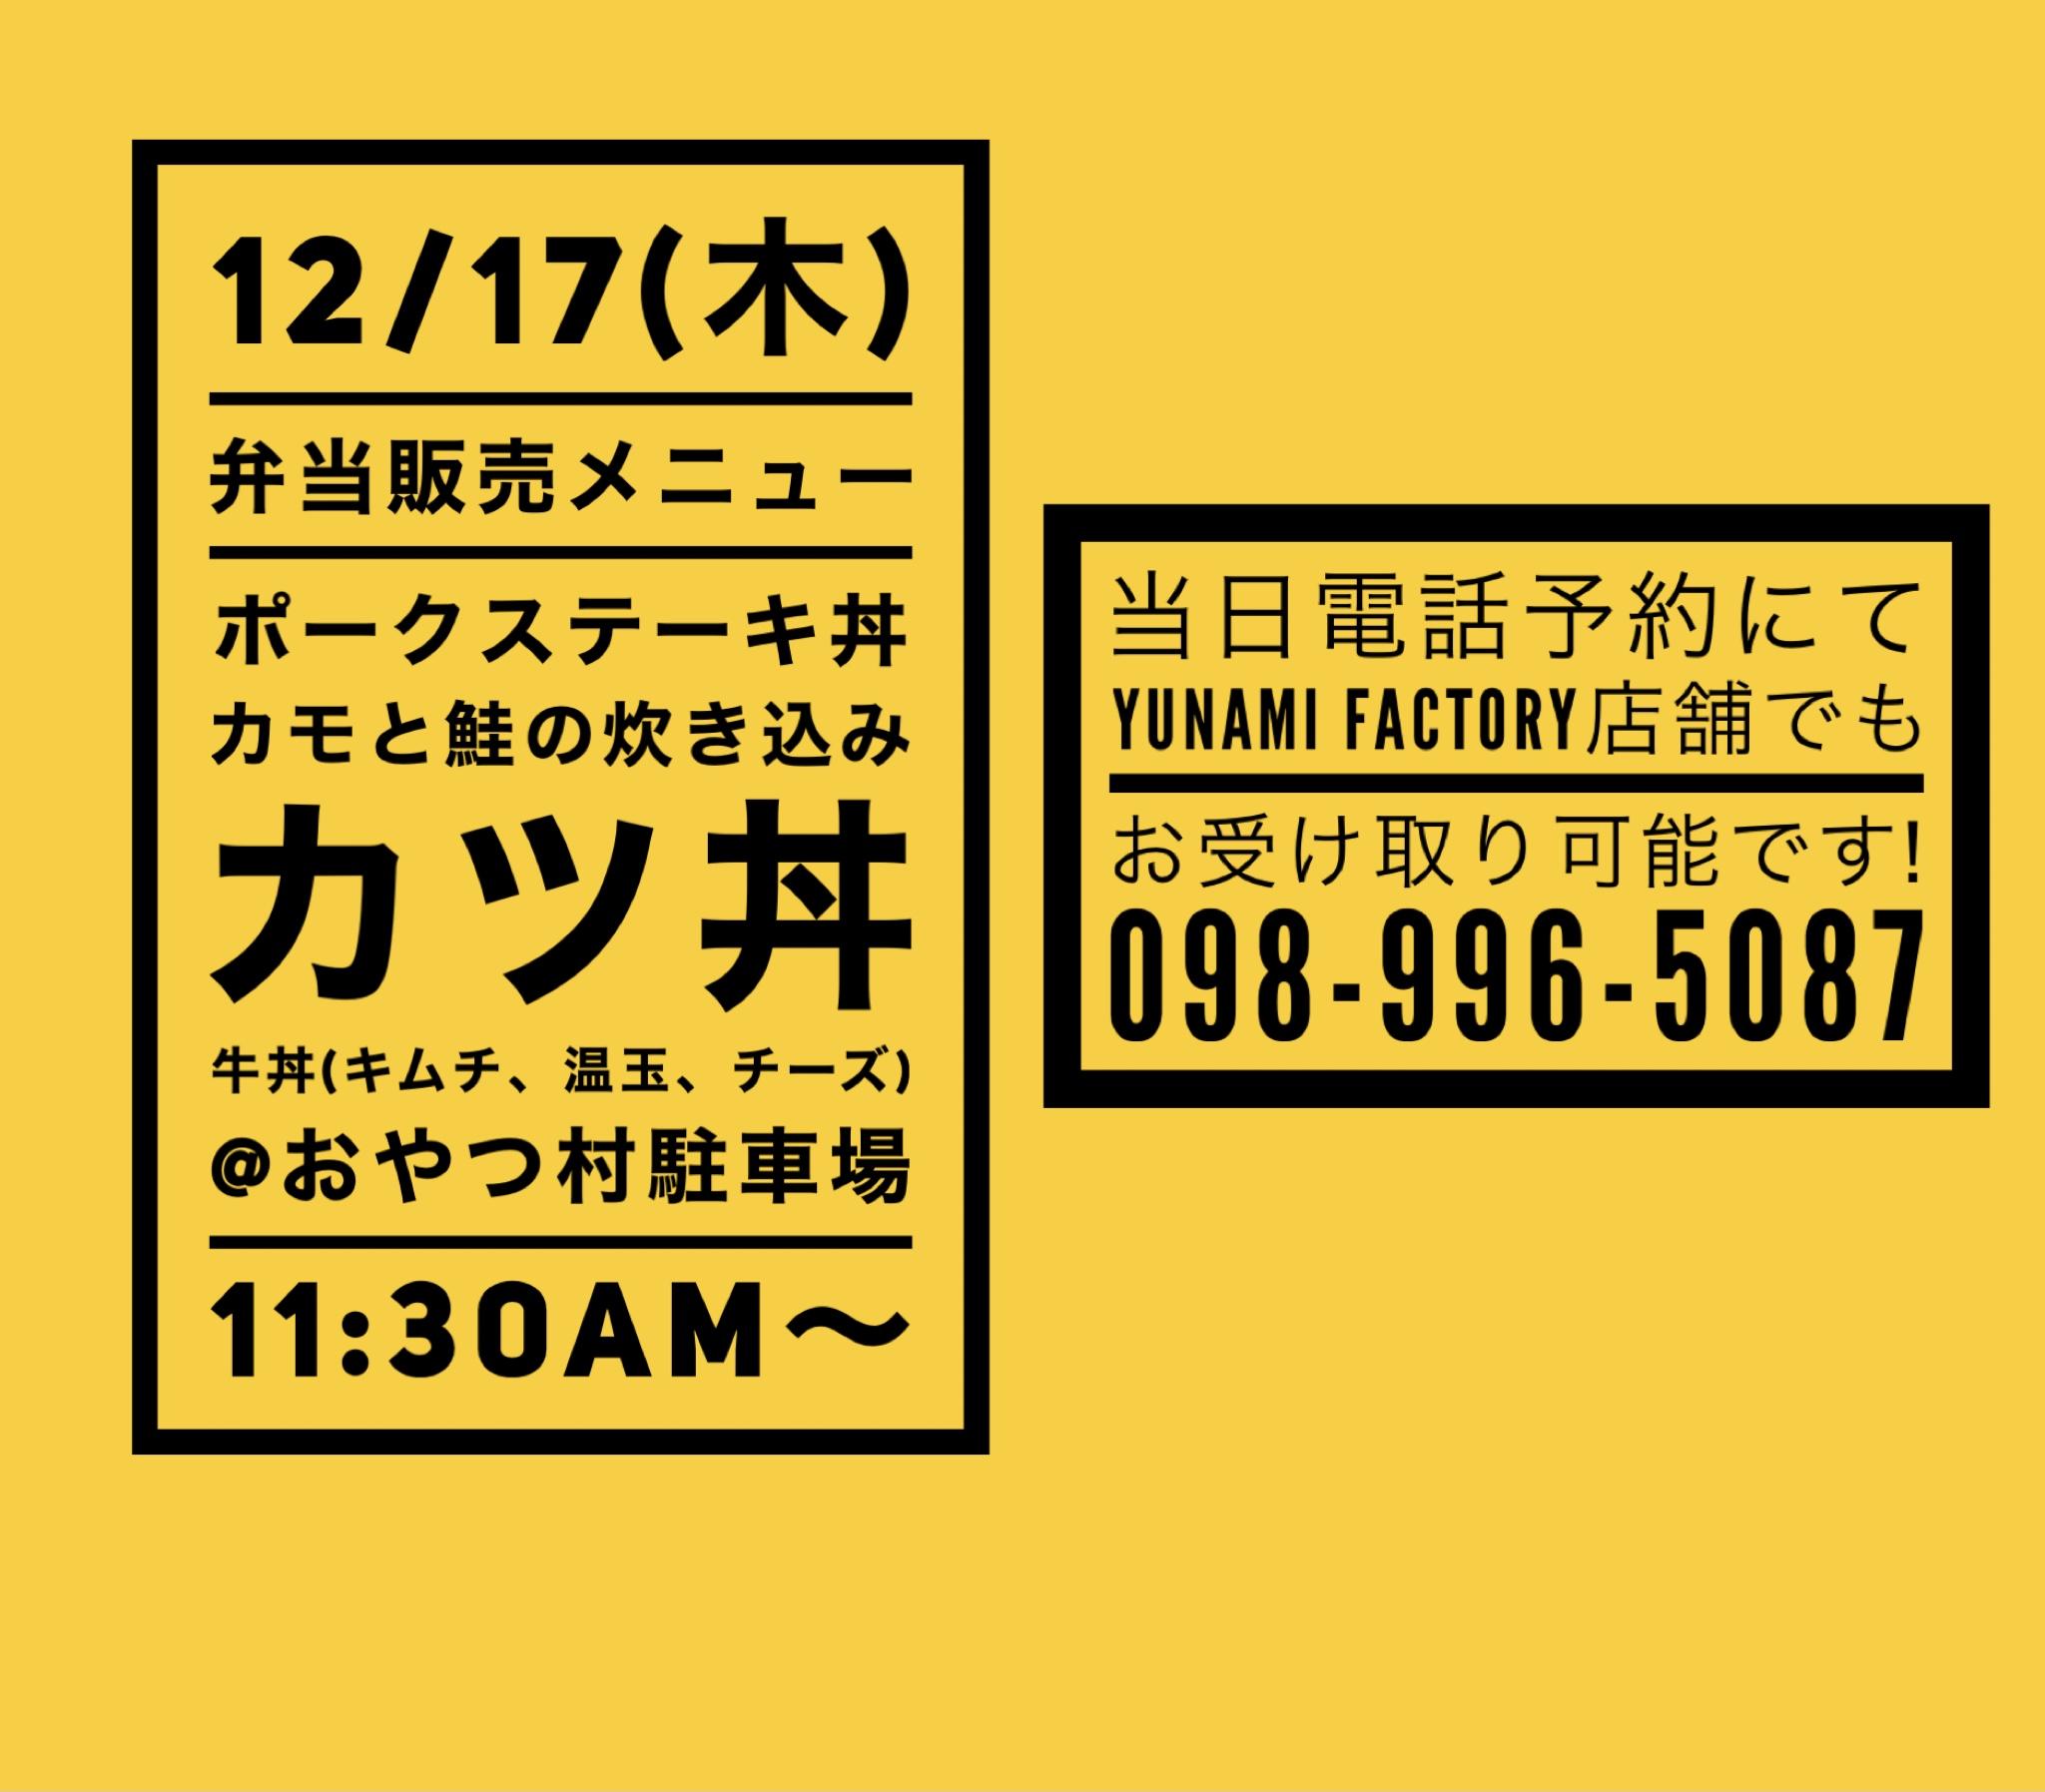 12/17(木) おやつ村駐車場 弁当販売メニュー